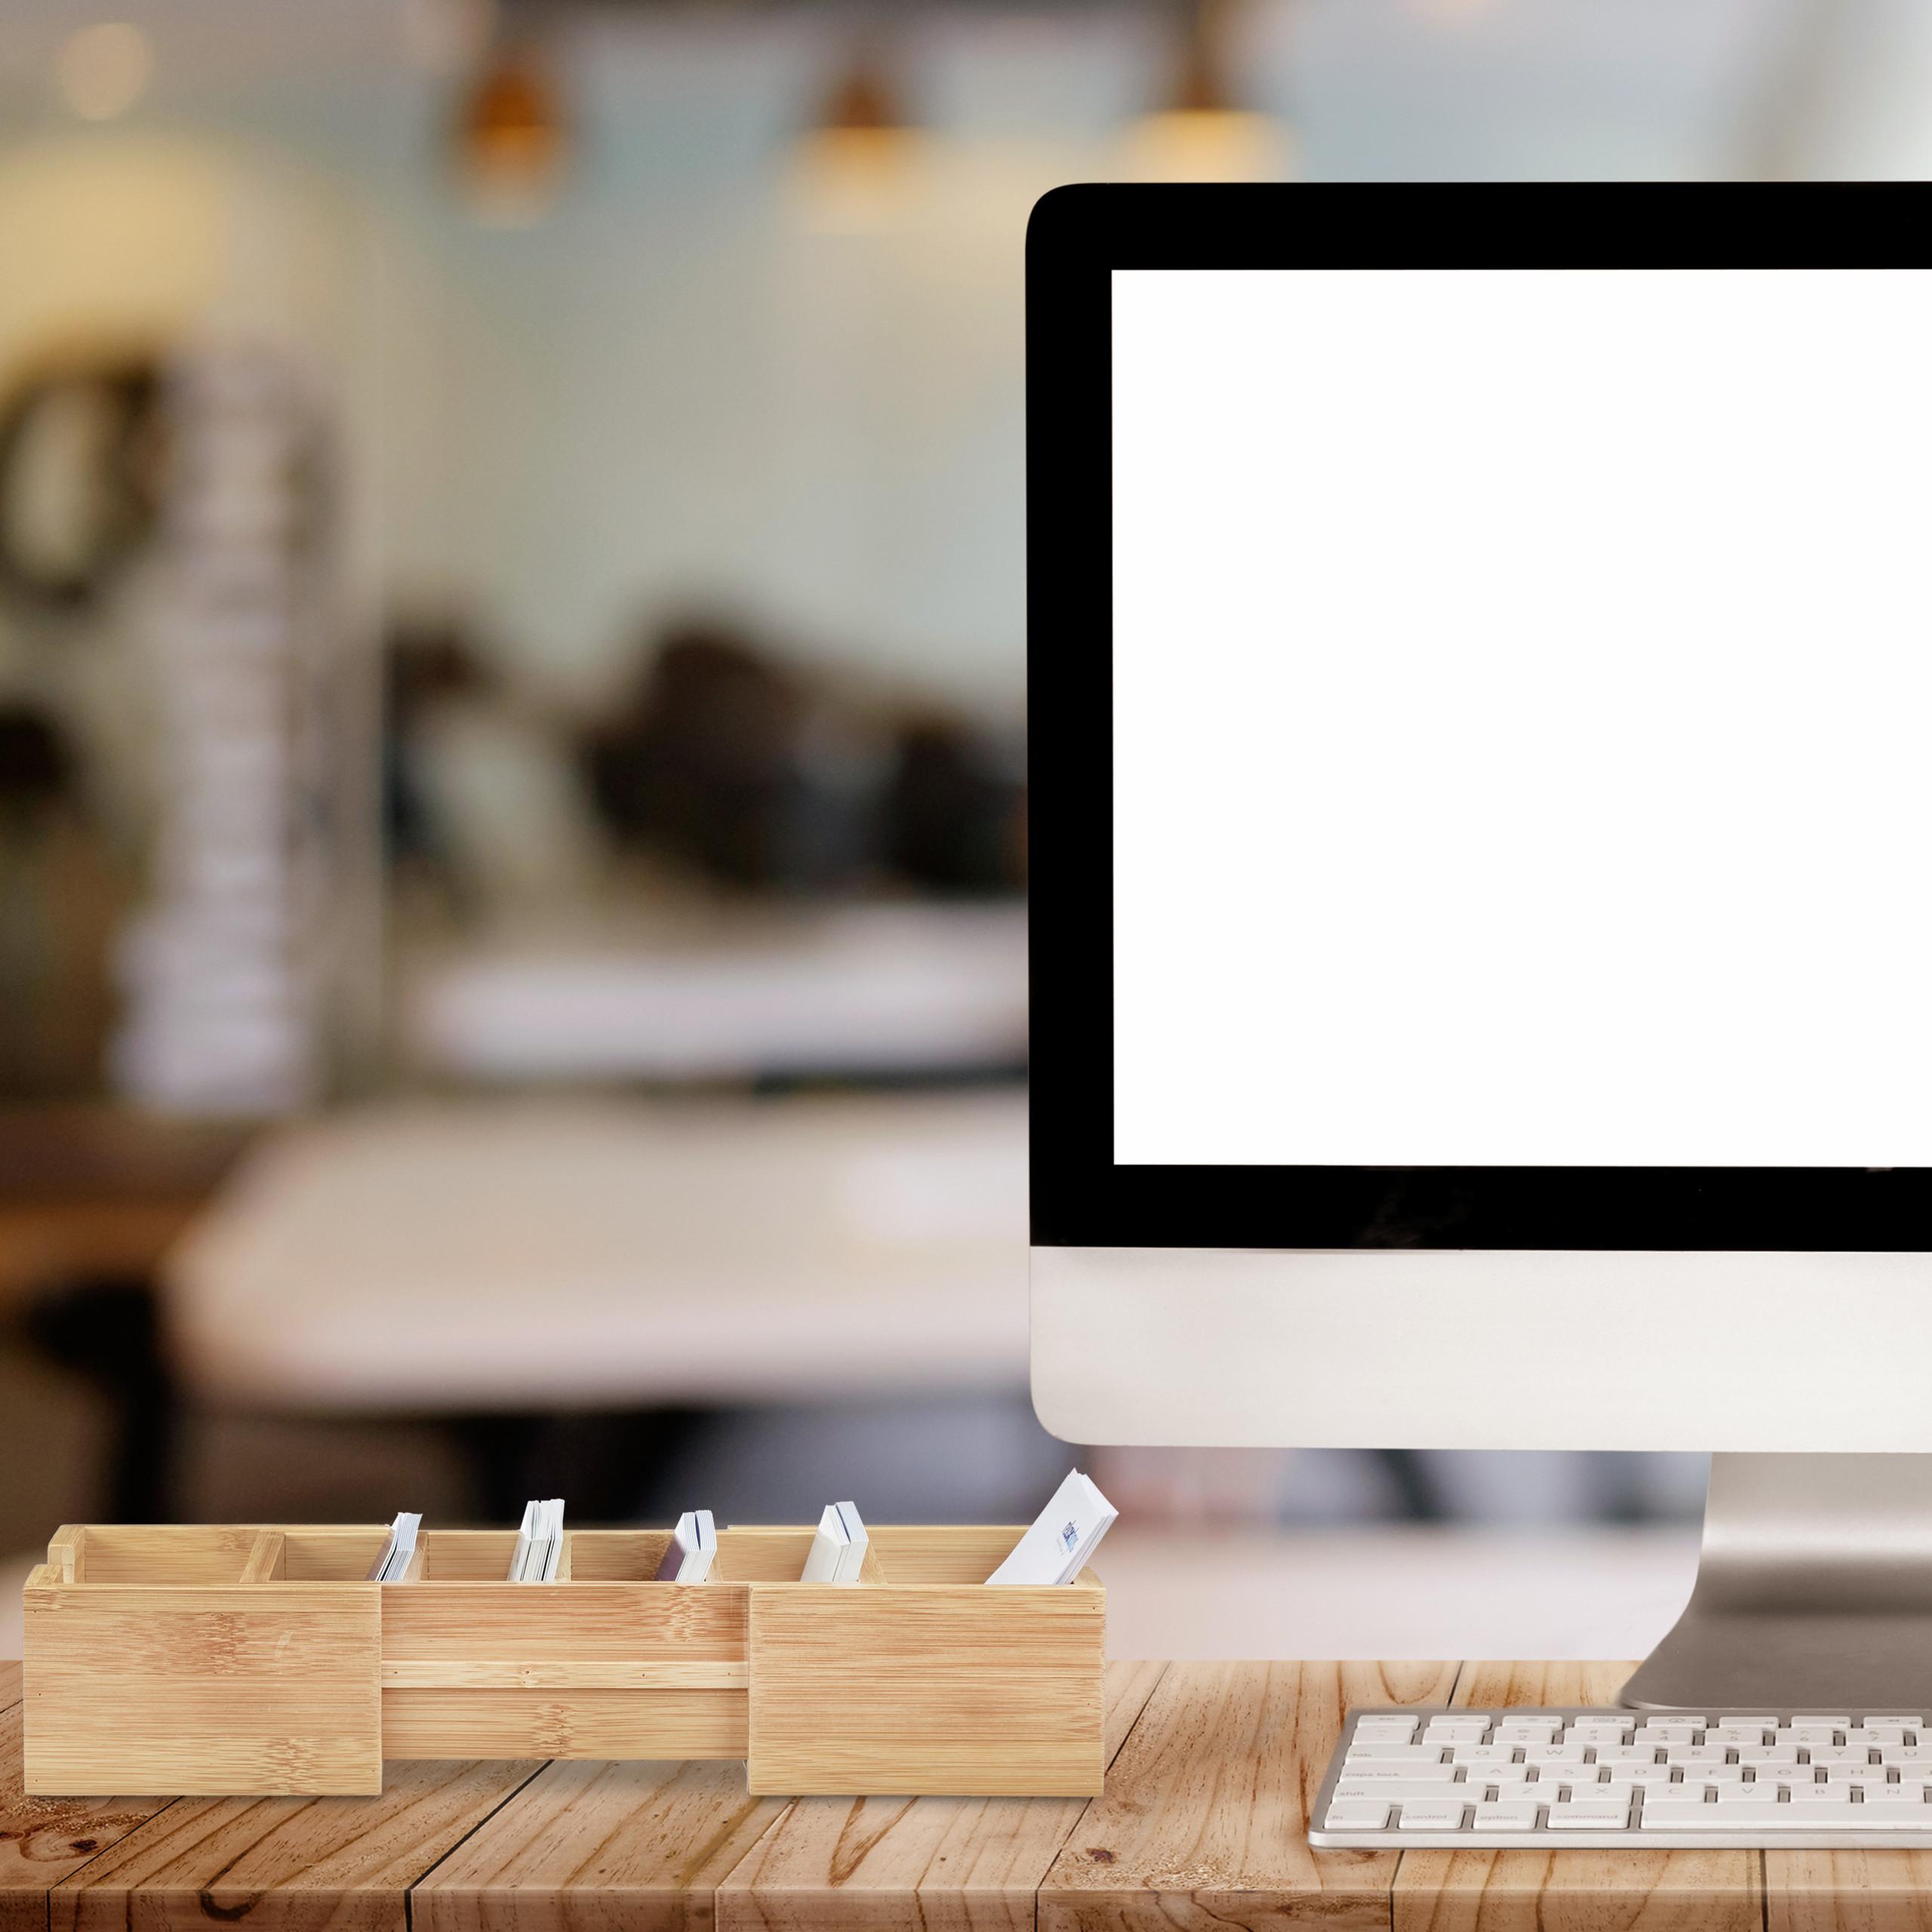 Karteikasten-DIN-A8-Holz-natuerlich-Karteikartensystem-Lernbox-Visitenkartenbox Indexbild 6